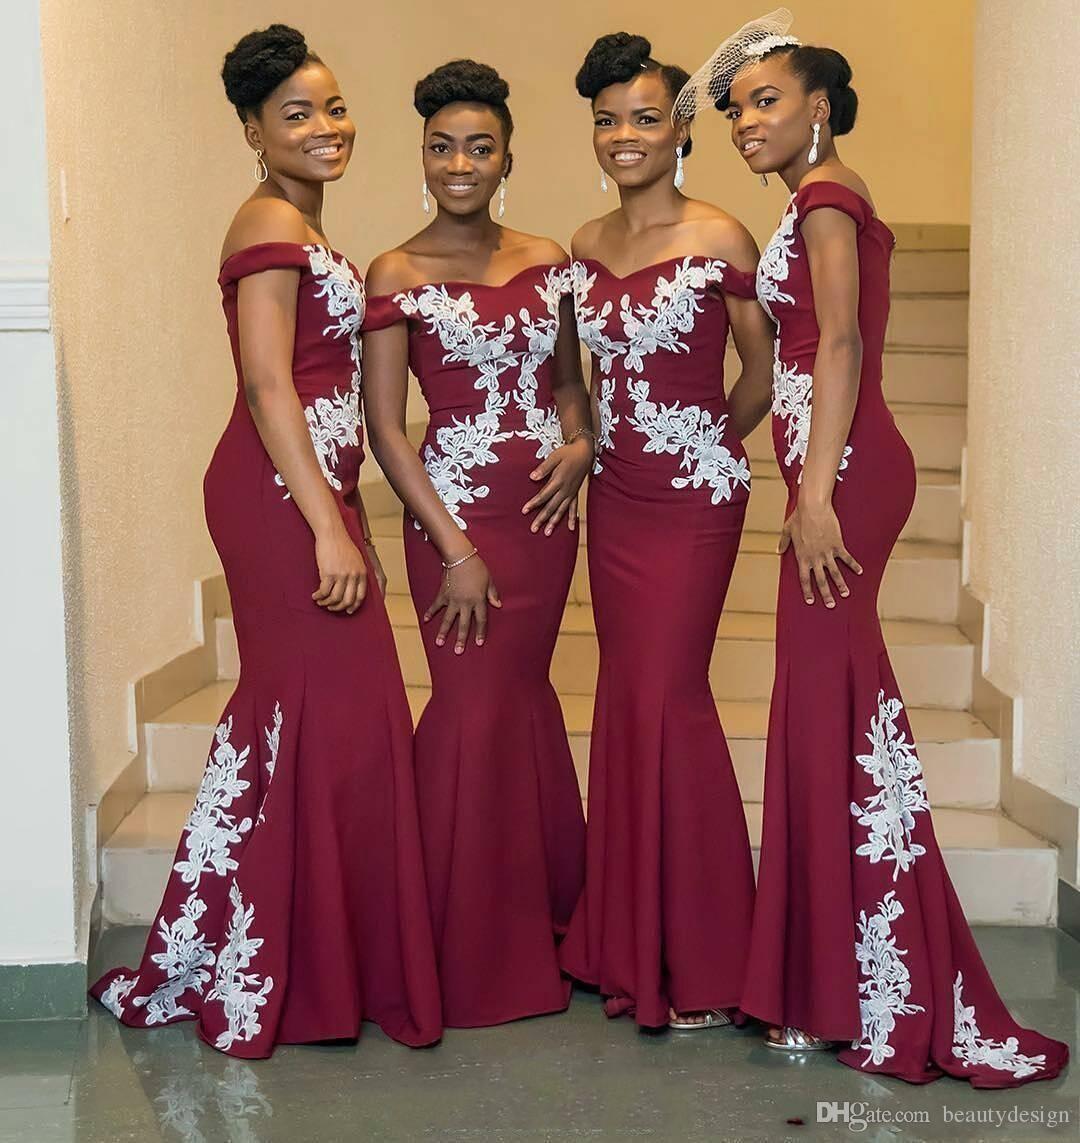 2018 Chicas negras Vestidos de dama de honor de sirena de color rojo oscuro Nigerian Off Shoulder White Appliques Satén Vestidos de fiesta de bodas largos Barrido de tren